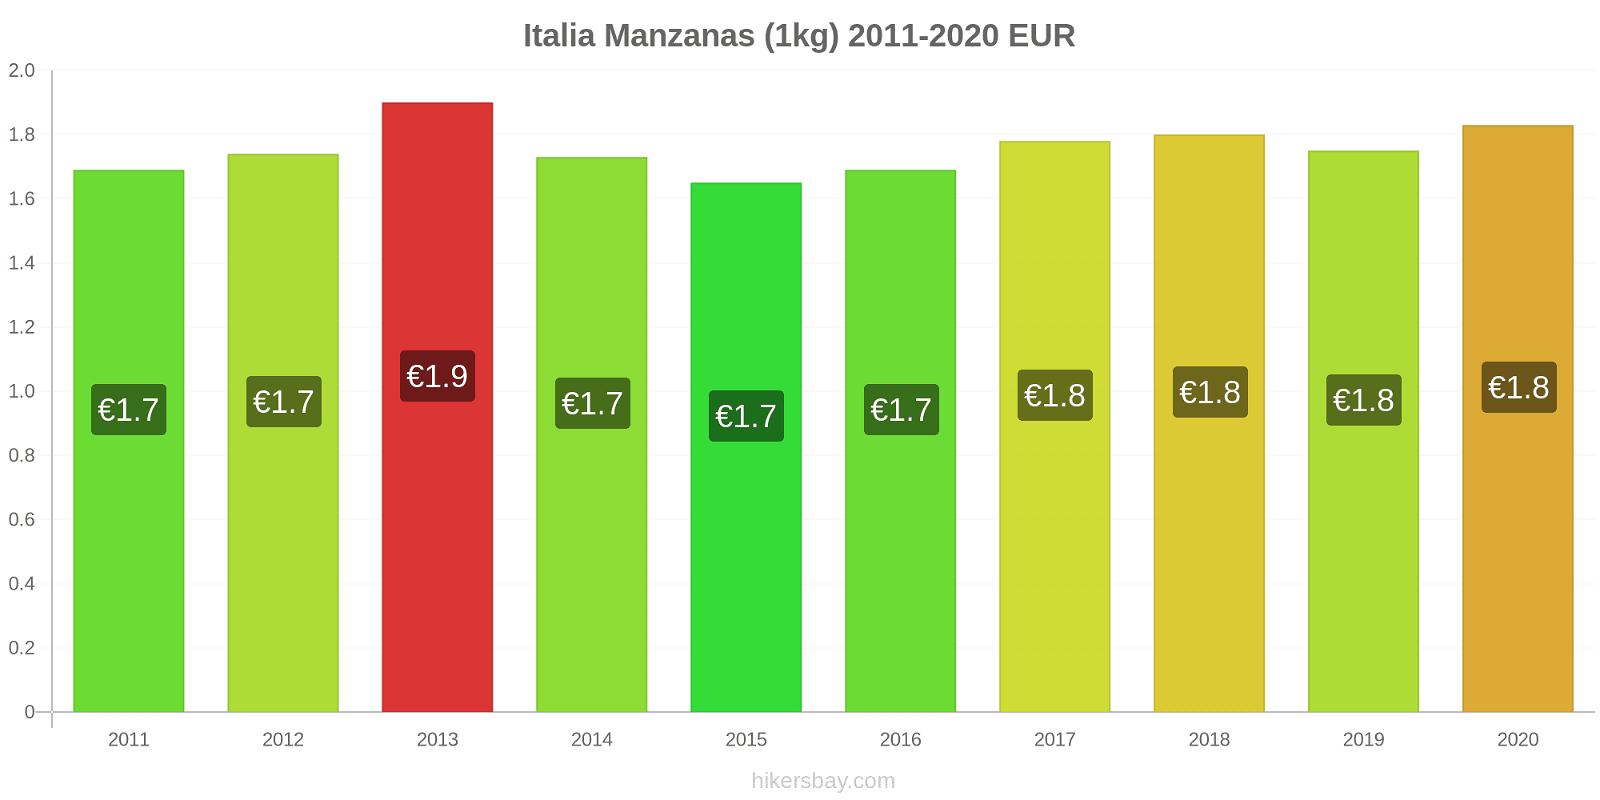 Italia cambios de precios Manzanas (1kg) hikersbay.com